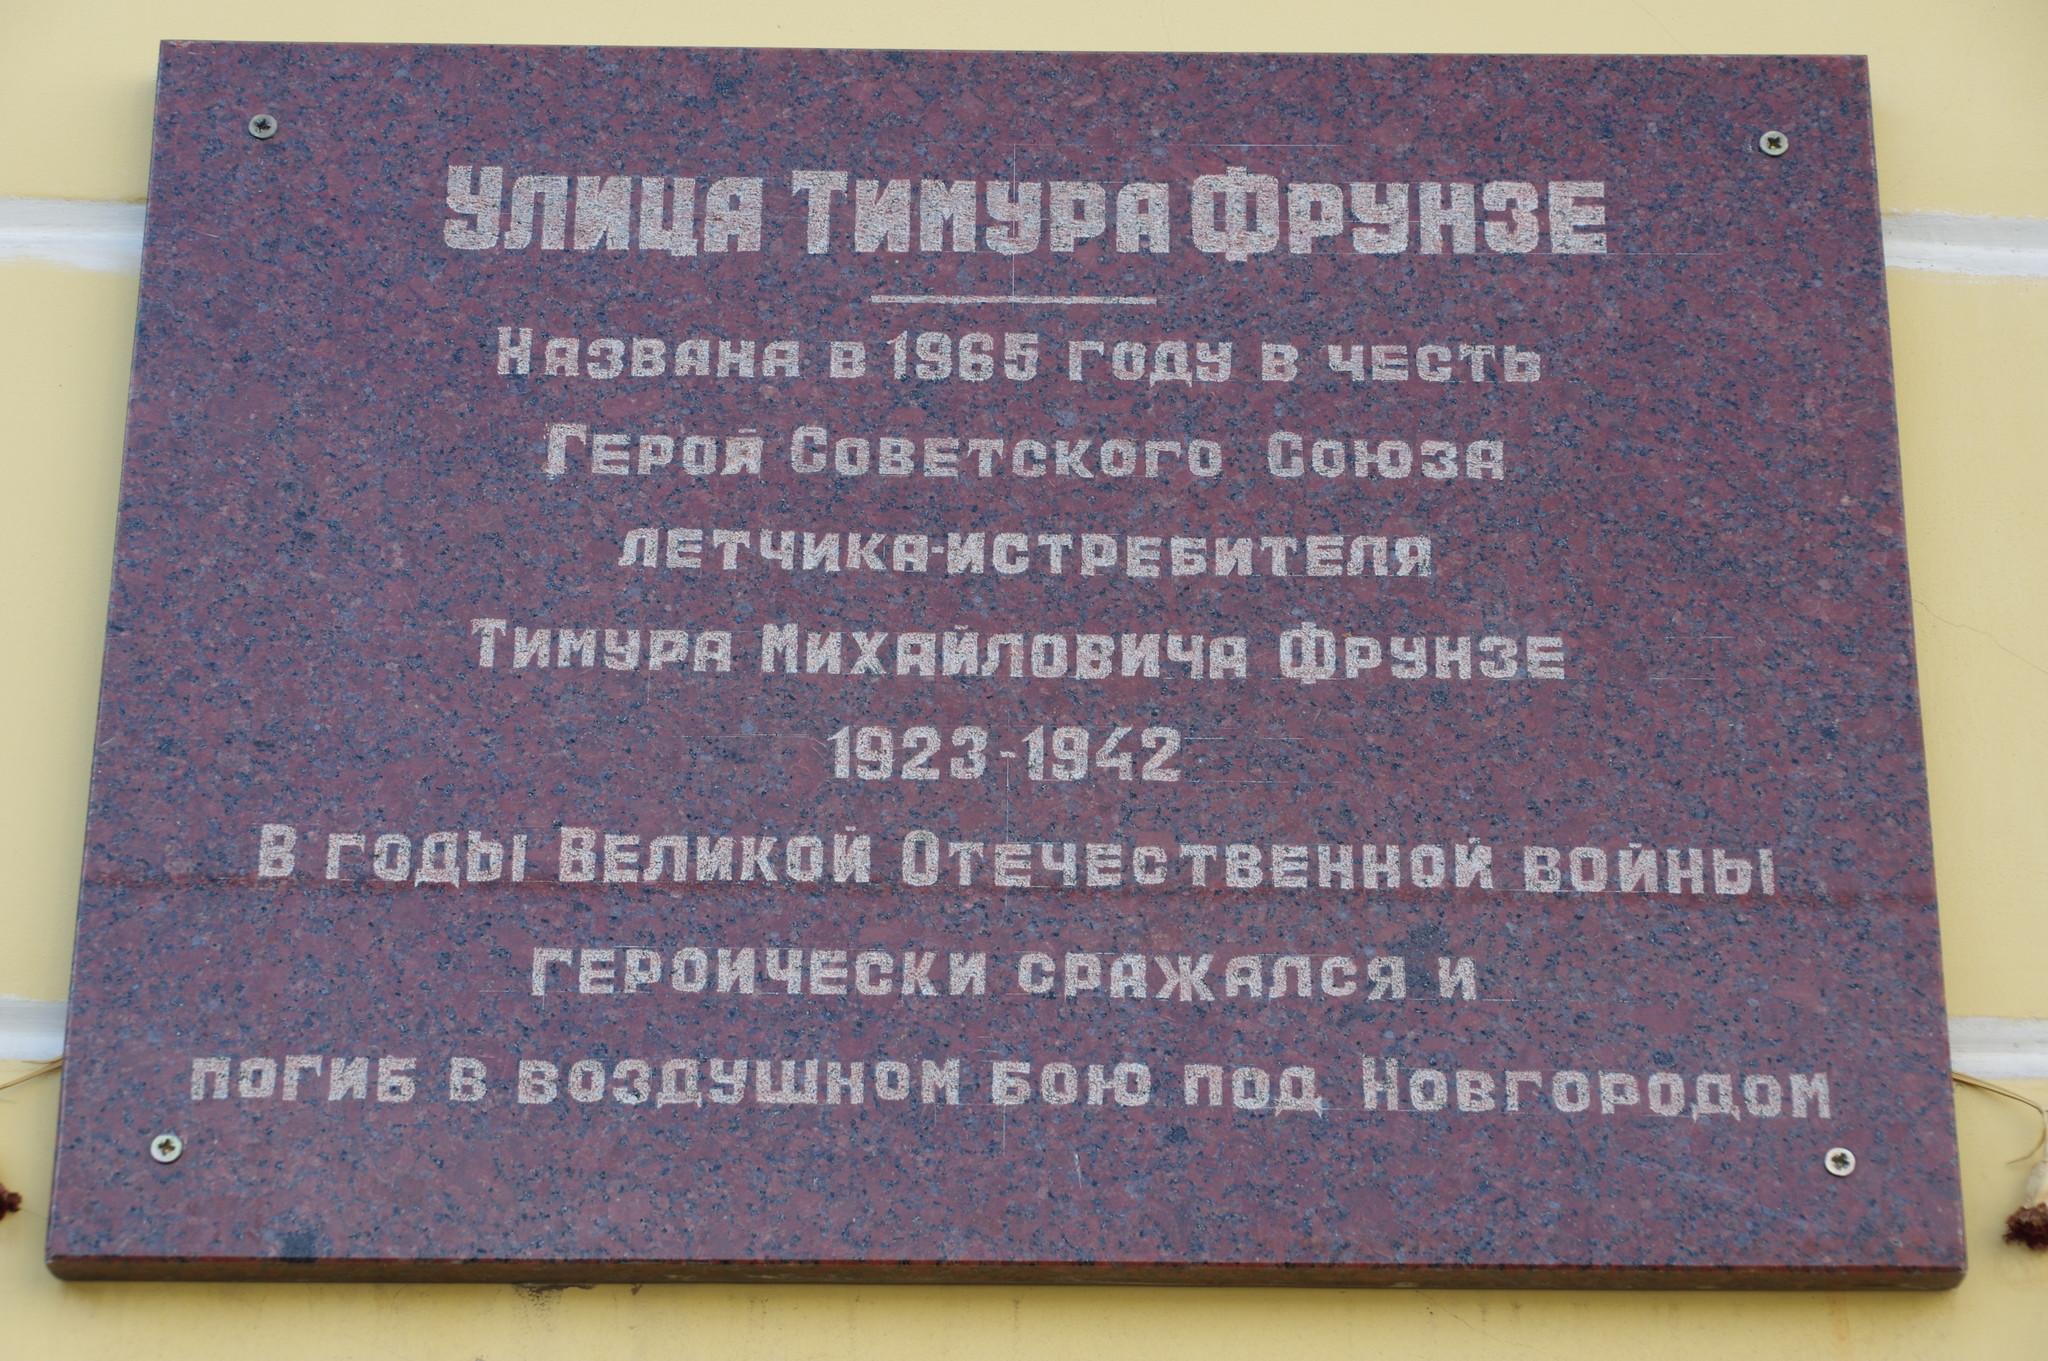 Мемориальная доска на фасаде двухэтажного здания XIX века (улица Тимура Фрунзе, дом 3, строение 4)